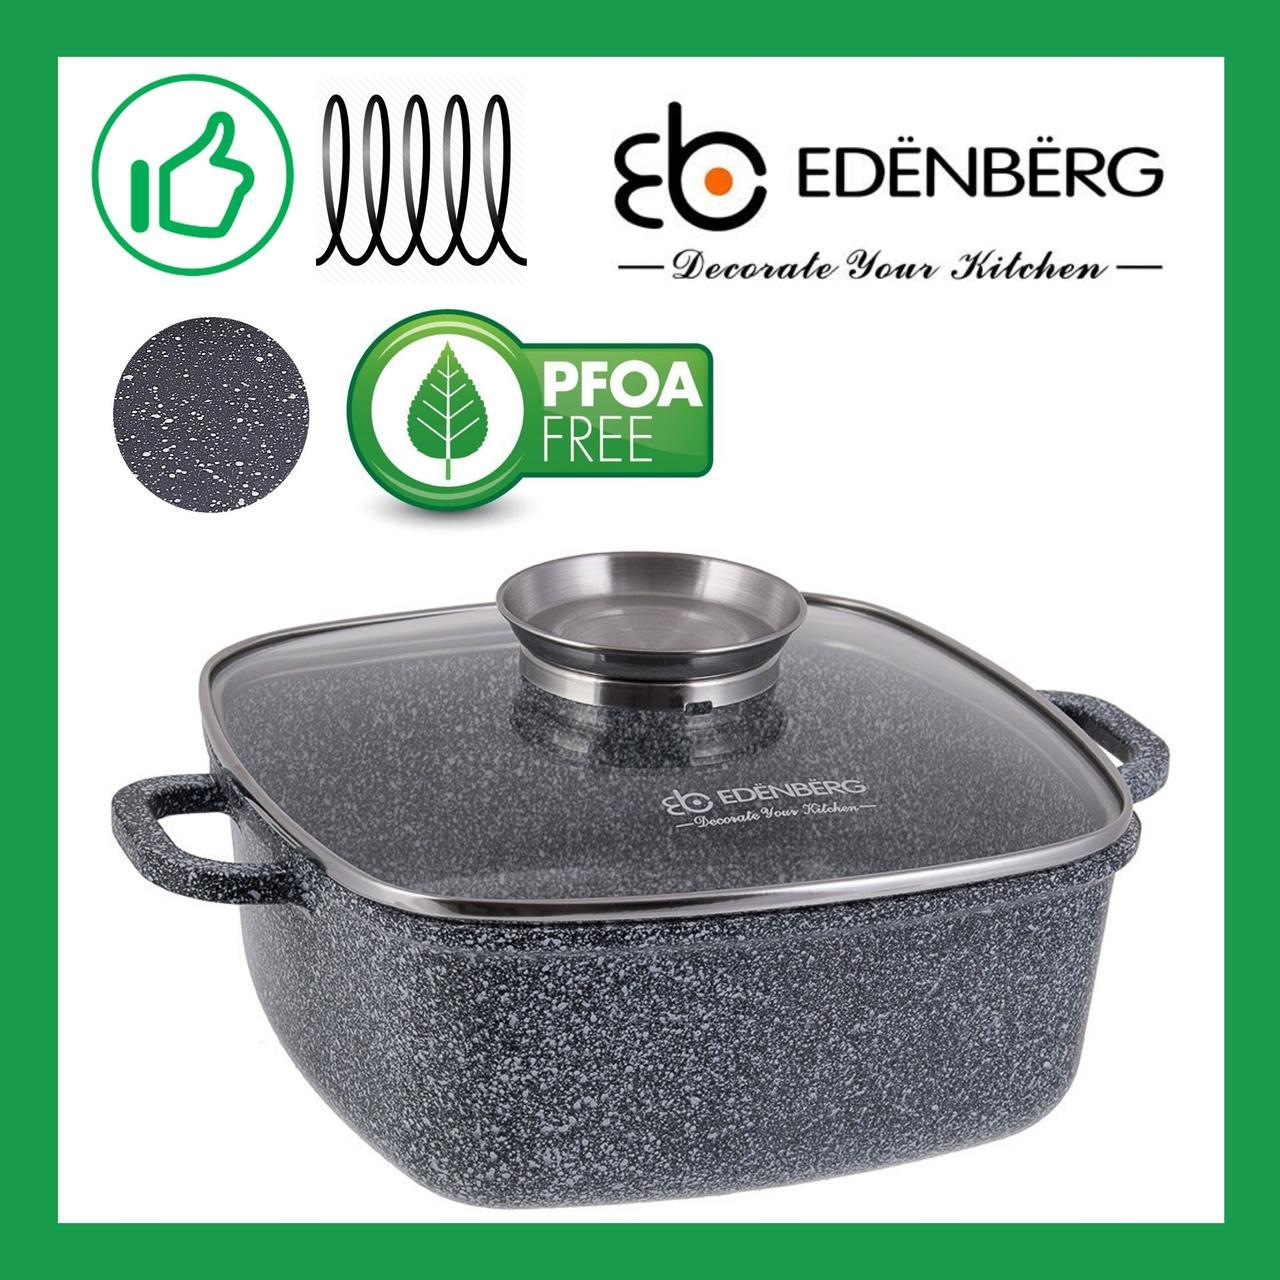 Кастрюля-казан 4.4 л Edenberg 24 см с гранитным антипригарным покрытием из литого алюминия (EB-3973)